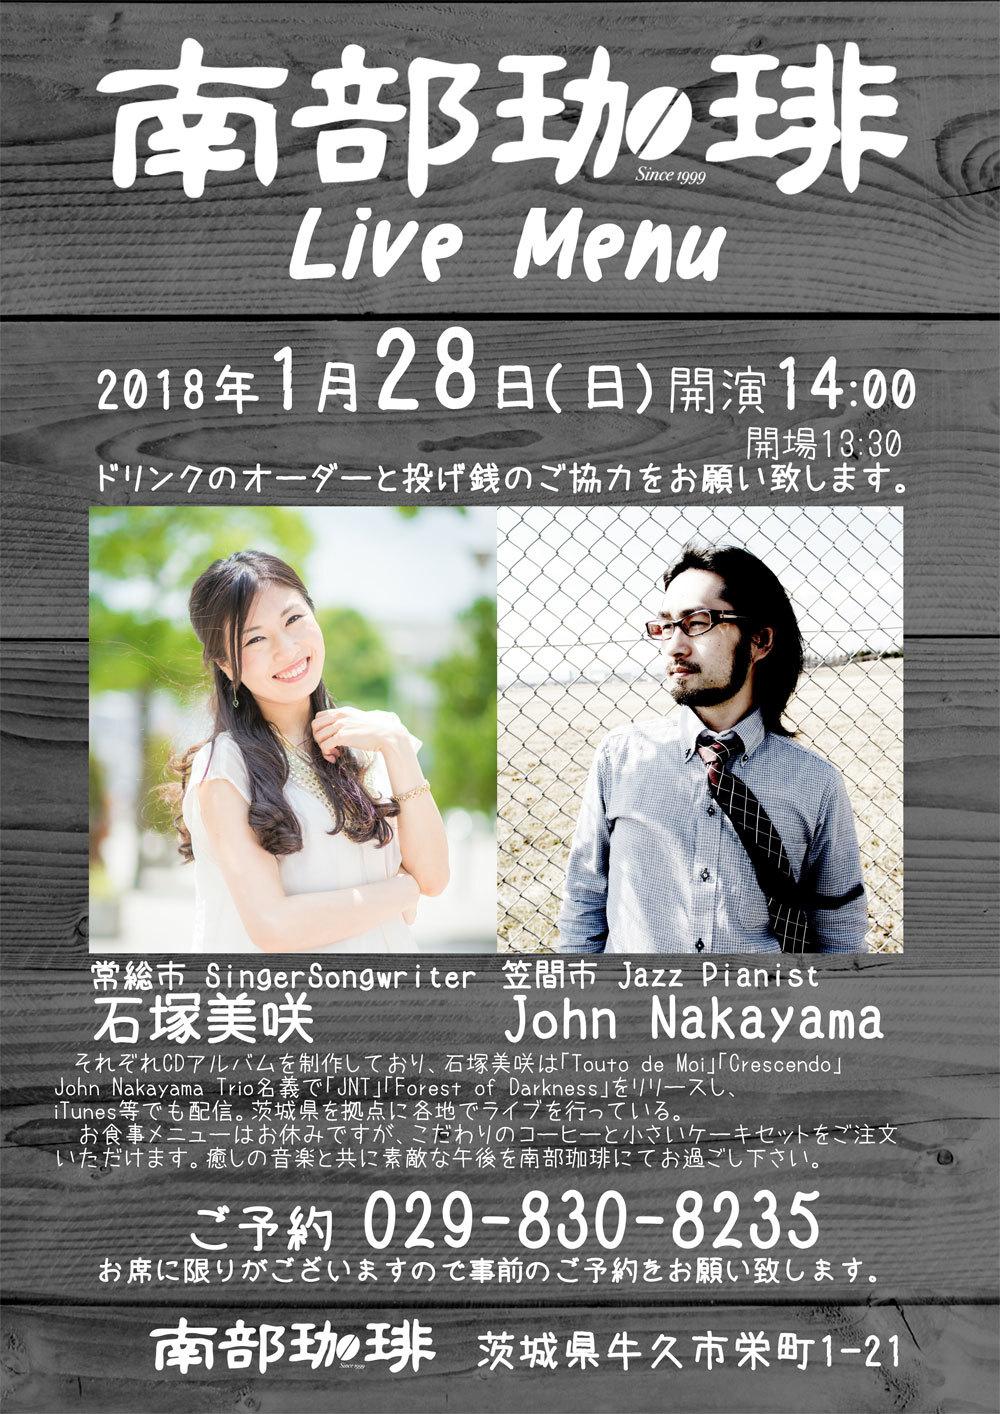 2018年1月28日石塚美咲さんJohnNakayamaさんライブ